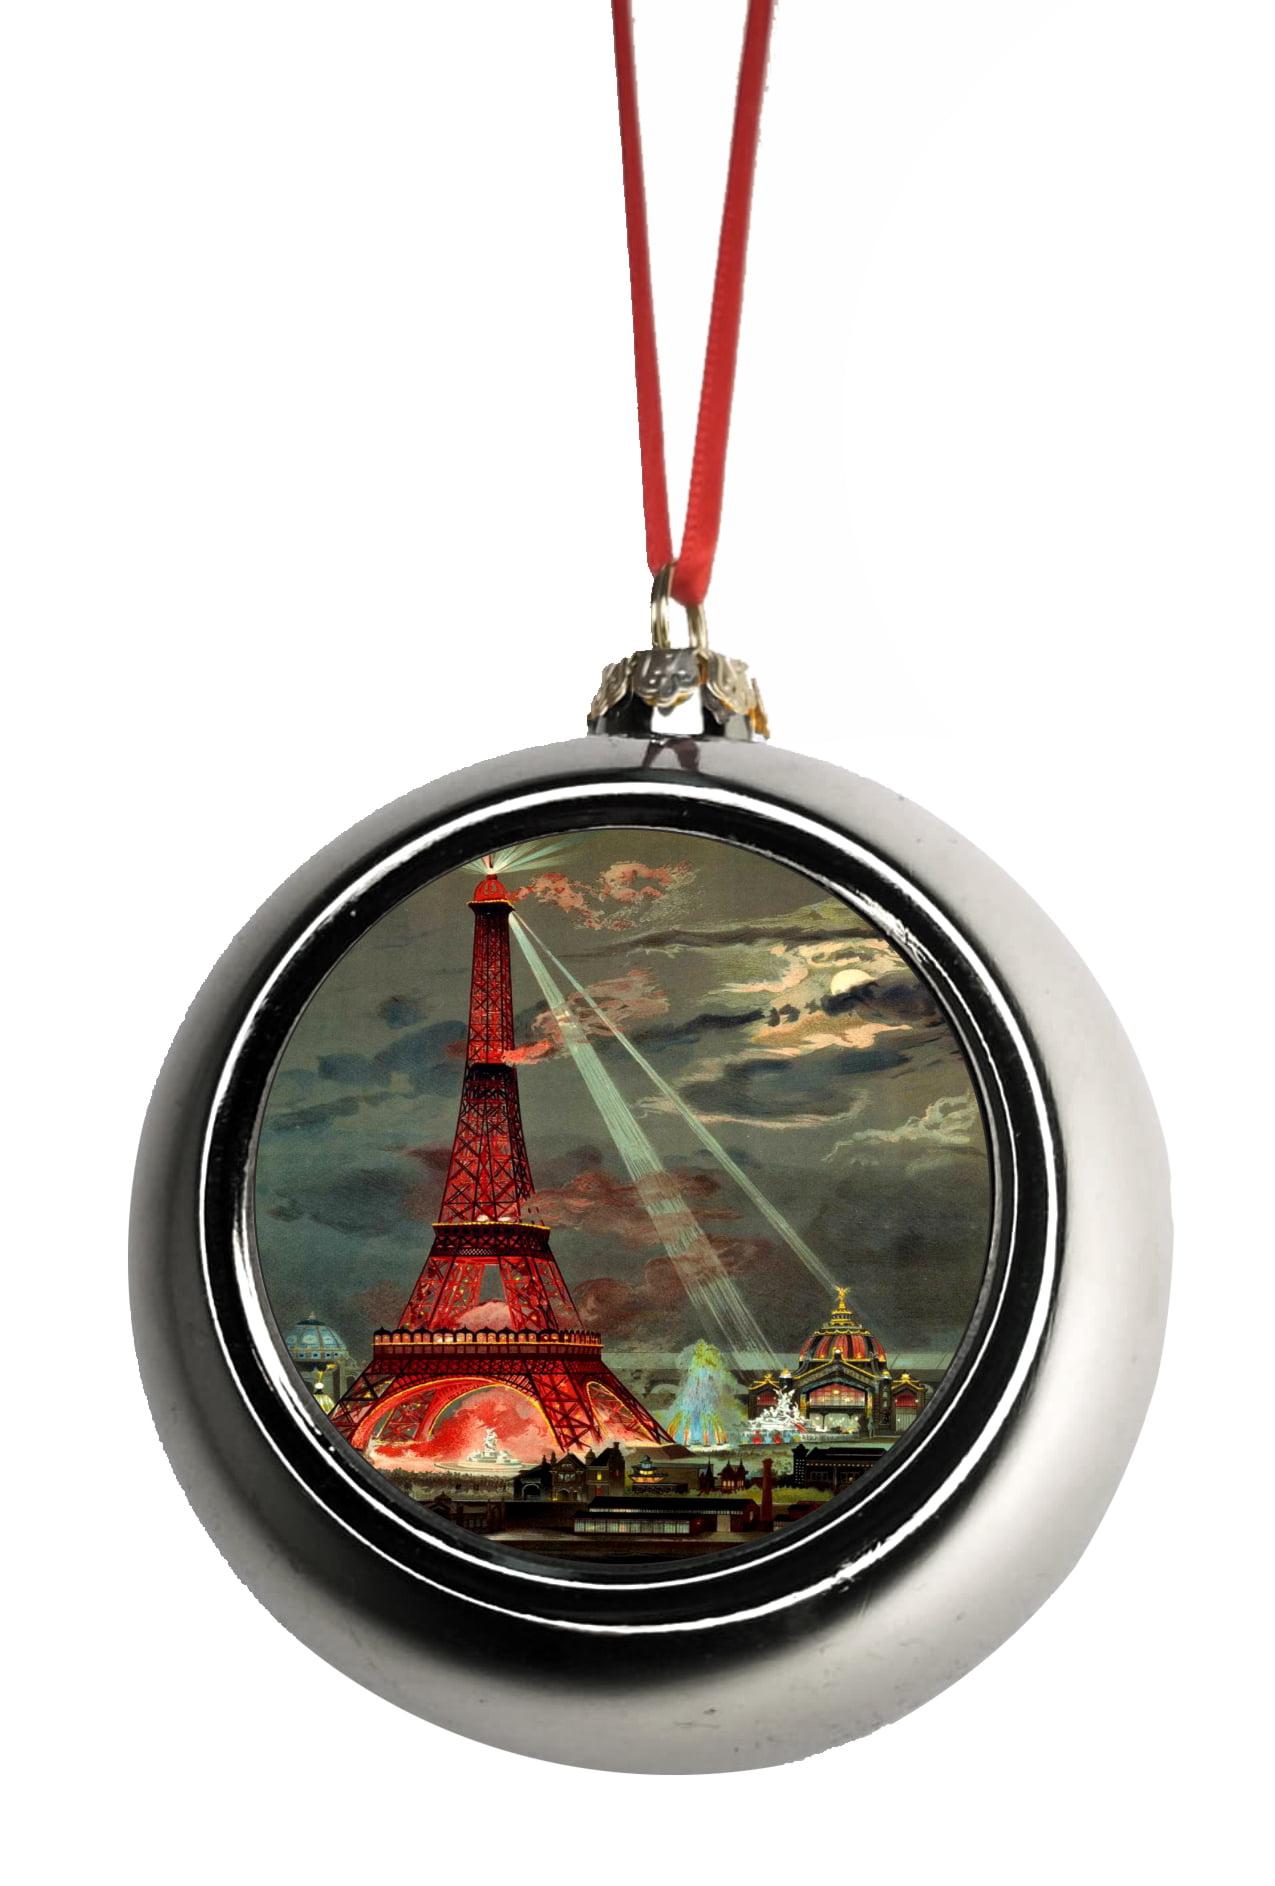 Paris Christmas Ornament.Ornaments Vintage Eiffel Tower Paris France Parisian Design Ornaments Silver Bauble Christmas Ornament Balls